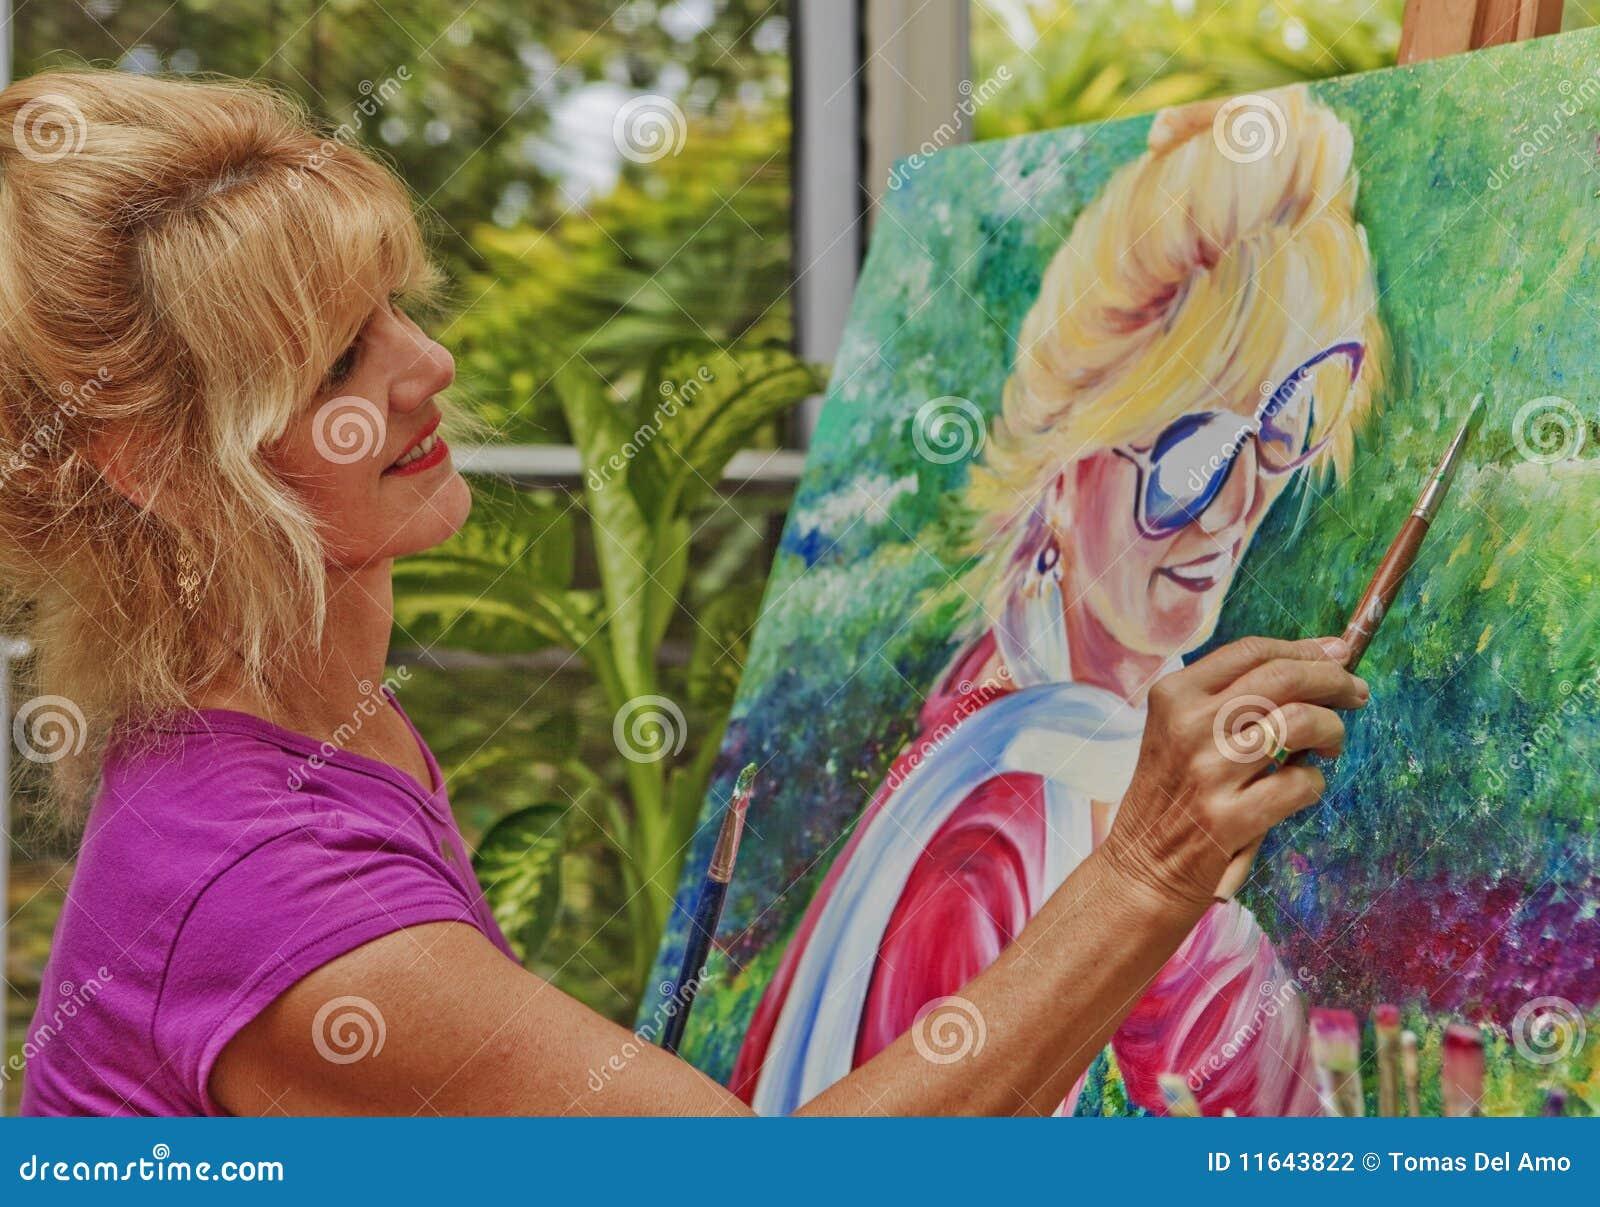 Künstler Der Ein Selbstportrait Malt Stockfoto Bild Von Lächeln